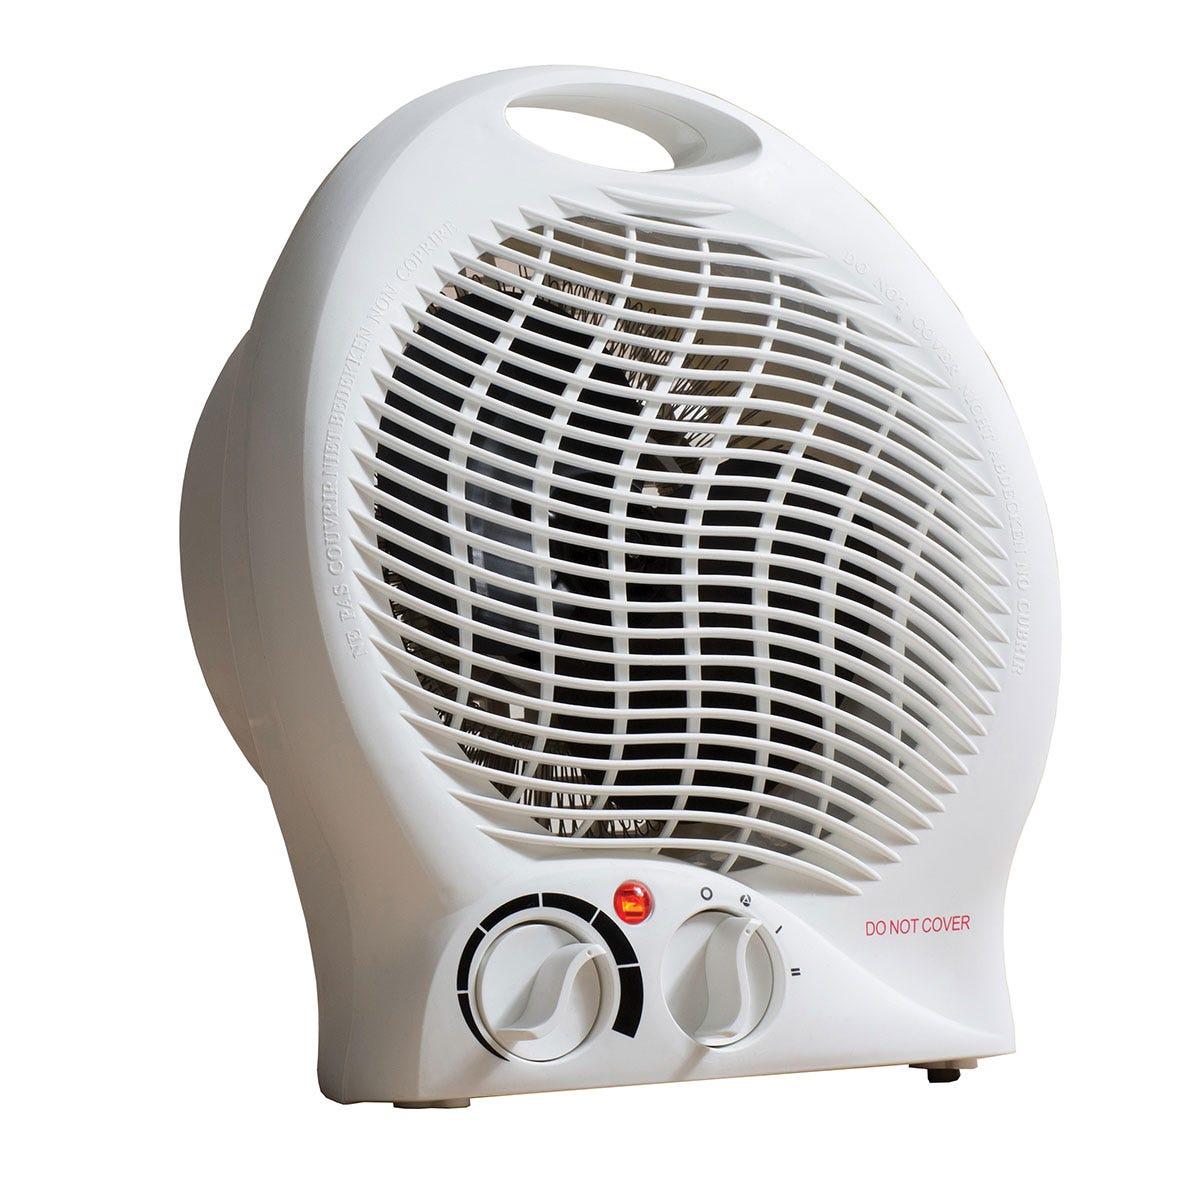 Robert Dyas 2kW Upright Fan Heater